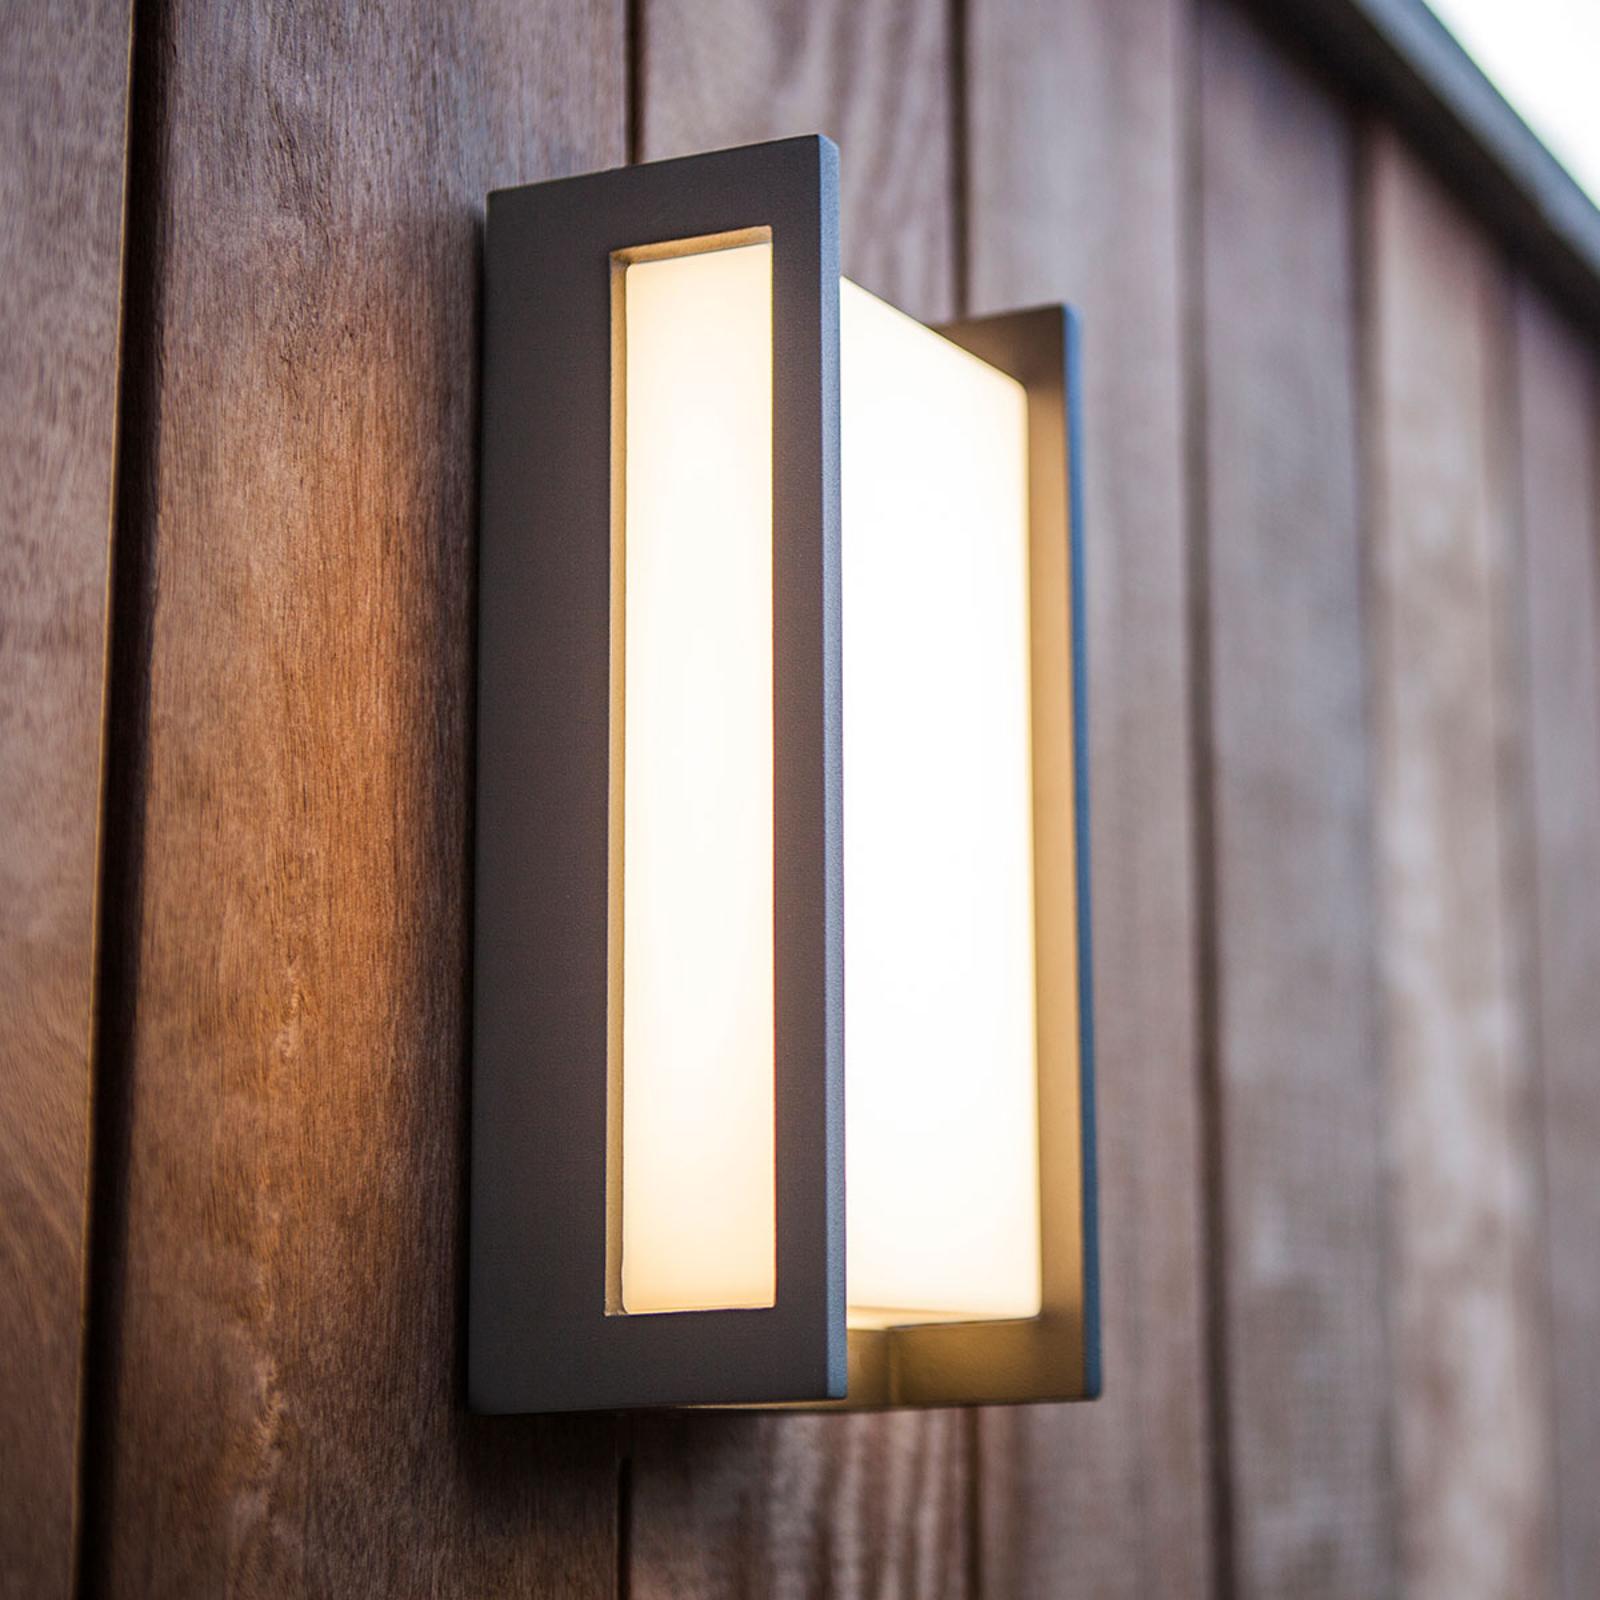 Retlinjet udendørs LED-væglampe Qubo